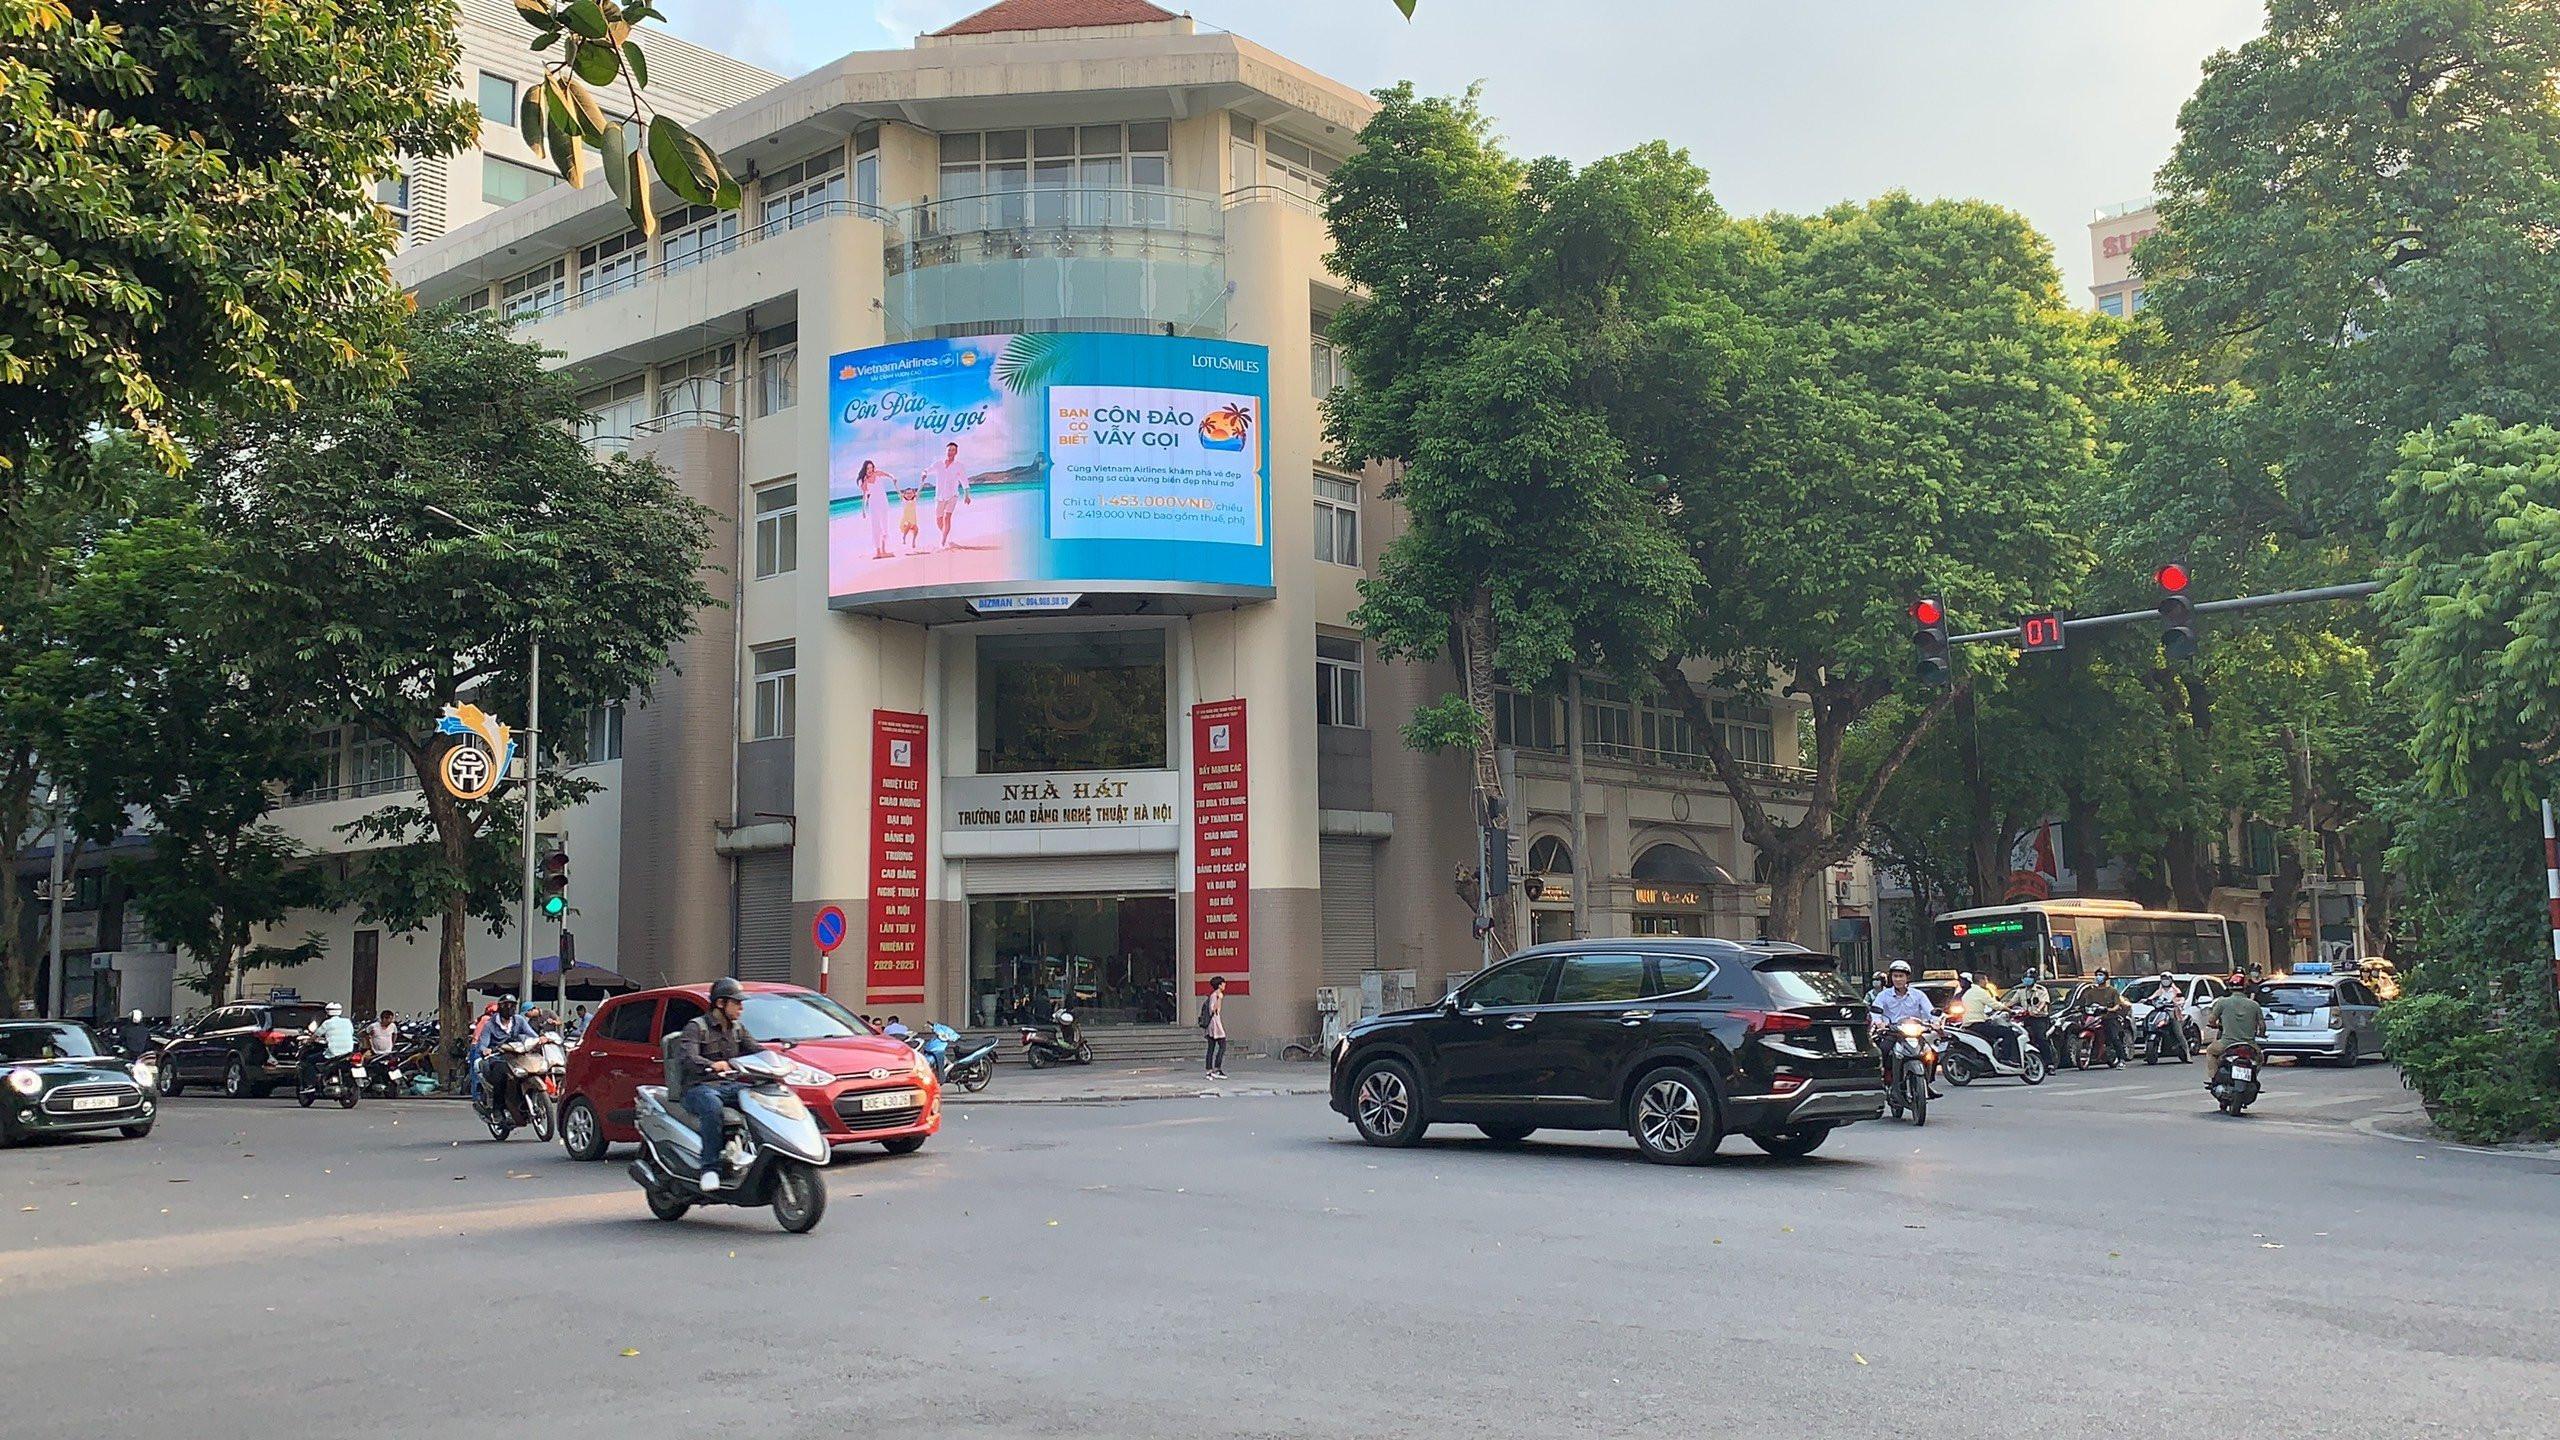 quảng cáo màn hình led ngoài trời tại hà nội nút giao Phan Chu Trinh - Hai Bà Trưng